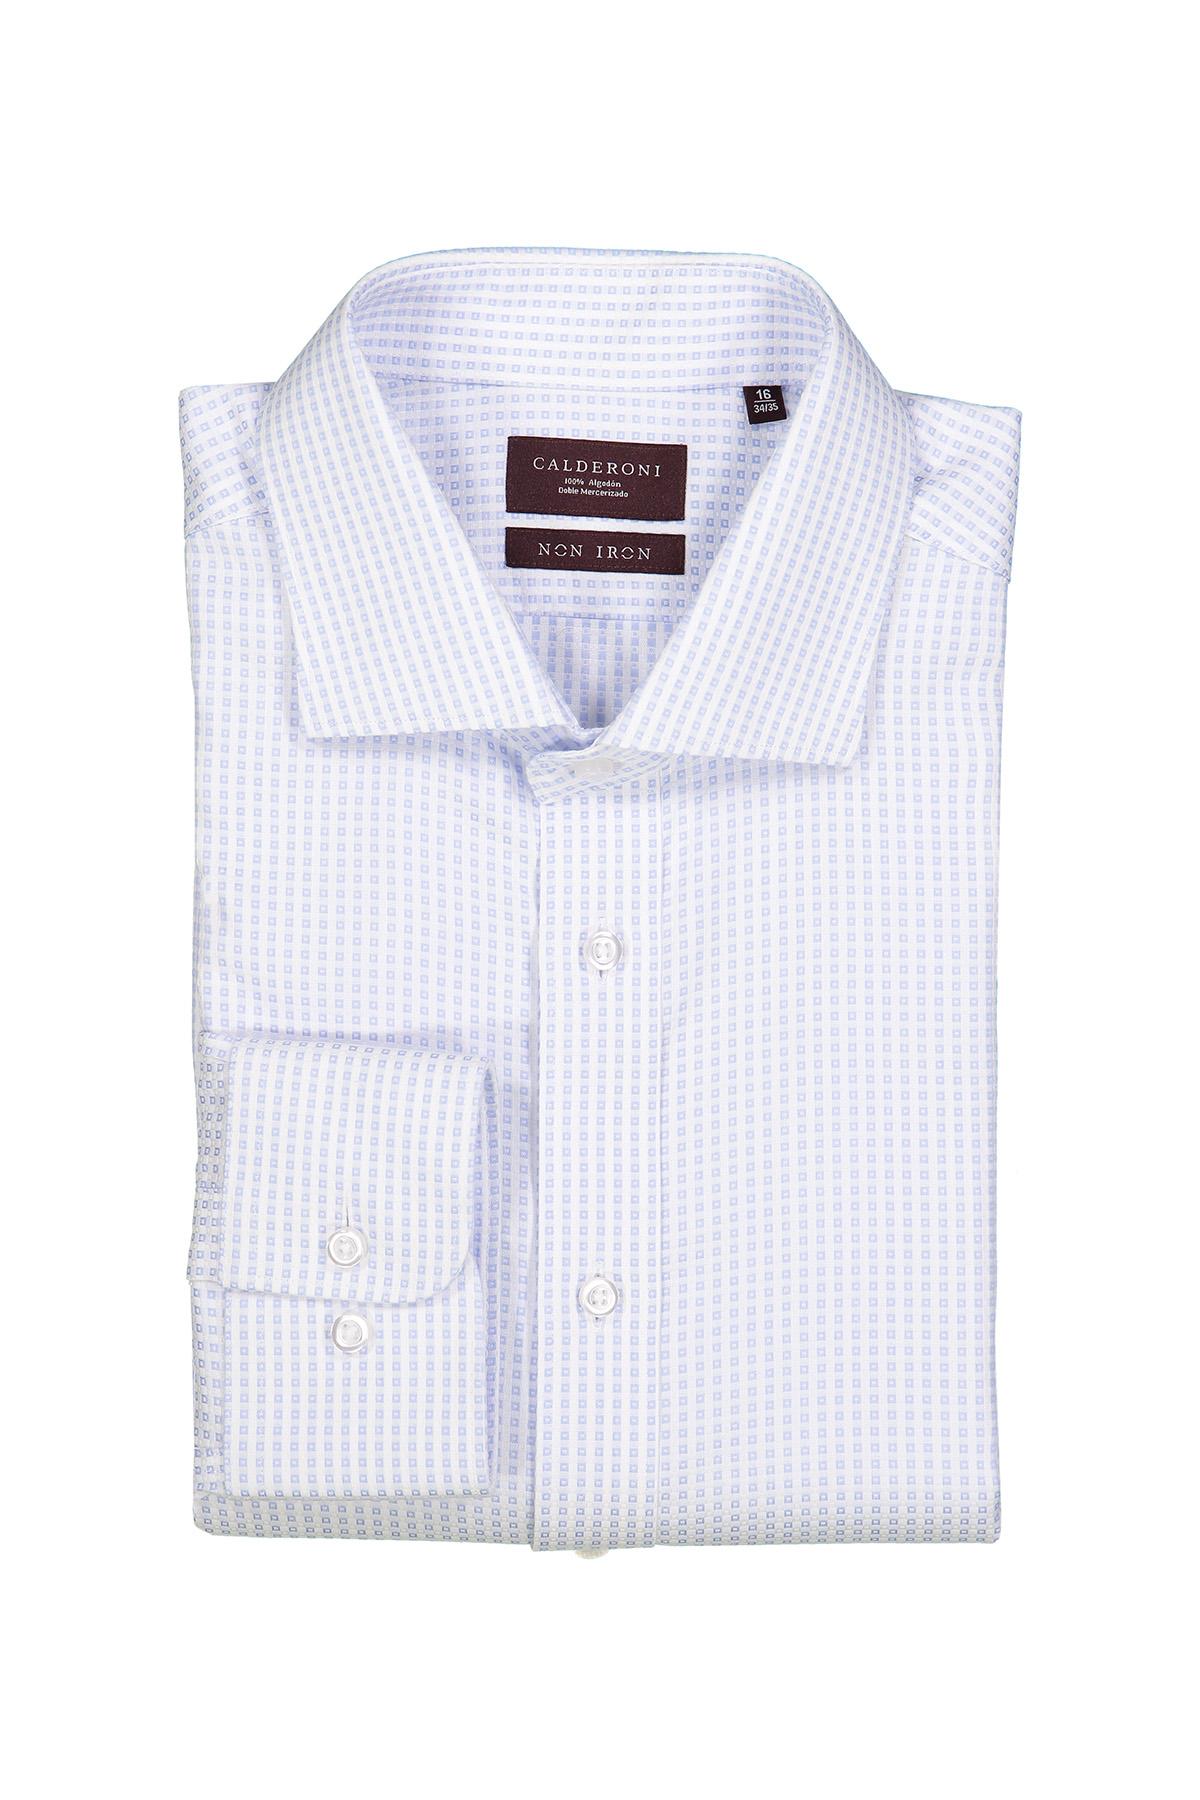 Camisa Calderoni -Non Iron 24/7 - blanca con cuadros celeste.